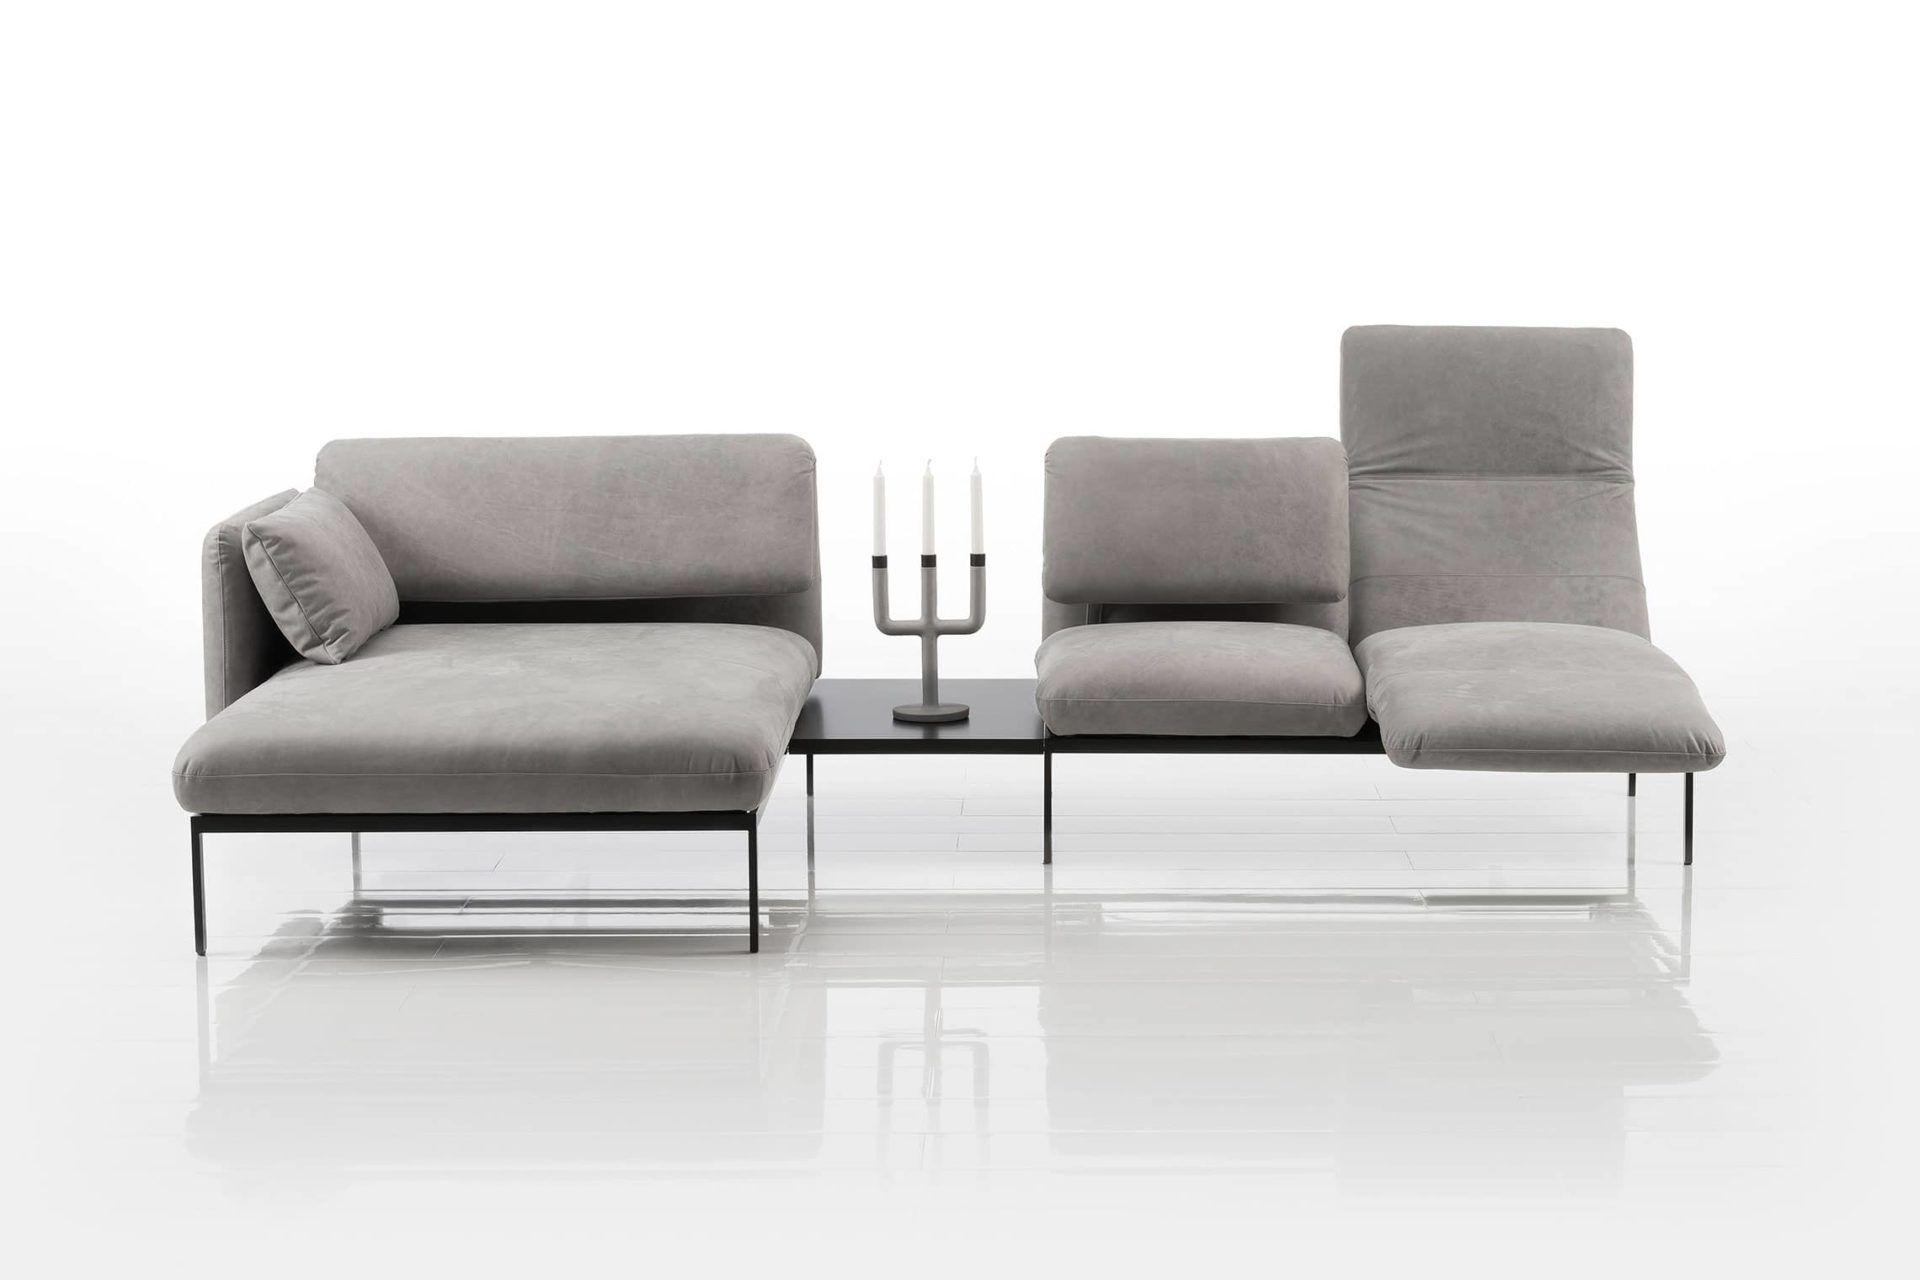 Das Design Sofa Roro Von Bruhl Das Vielseitige Modell Lasst Sie Grosse Stoff Leder Und Mehr Bestimmen Vieles Ist Moglich Wohnlands Sofa Ecksofa Bruhl Sofa